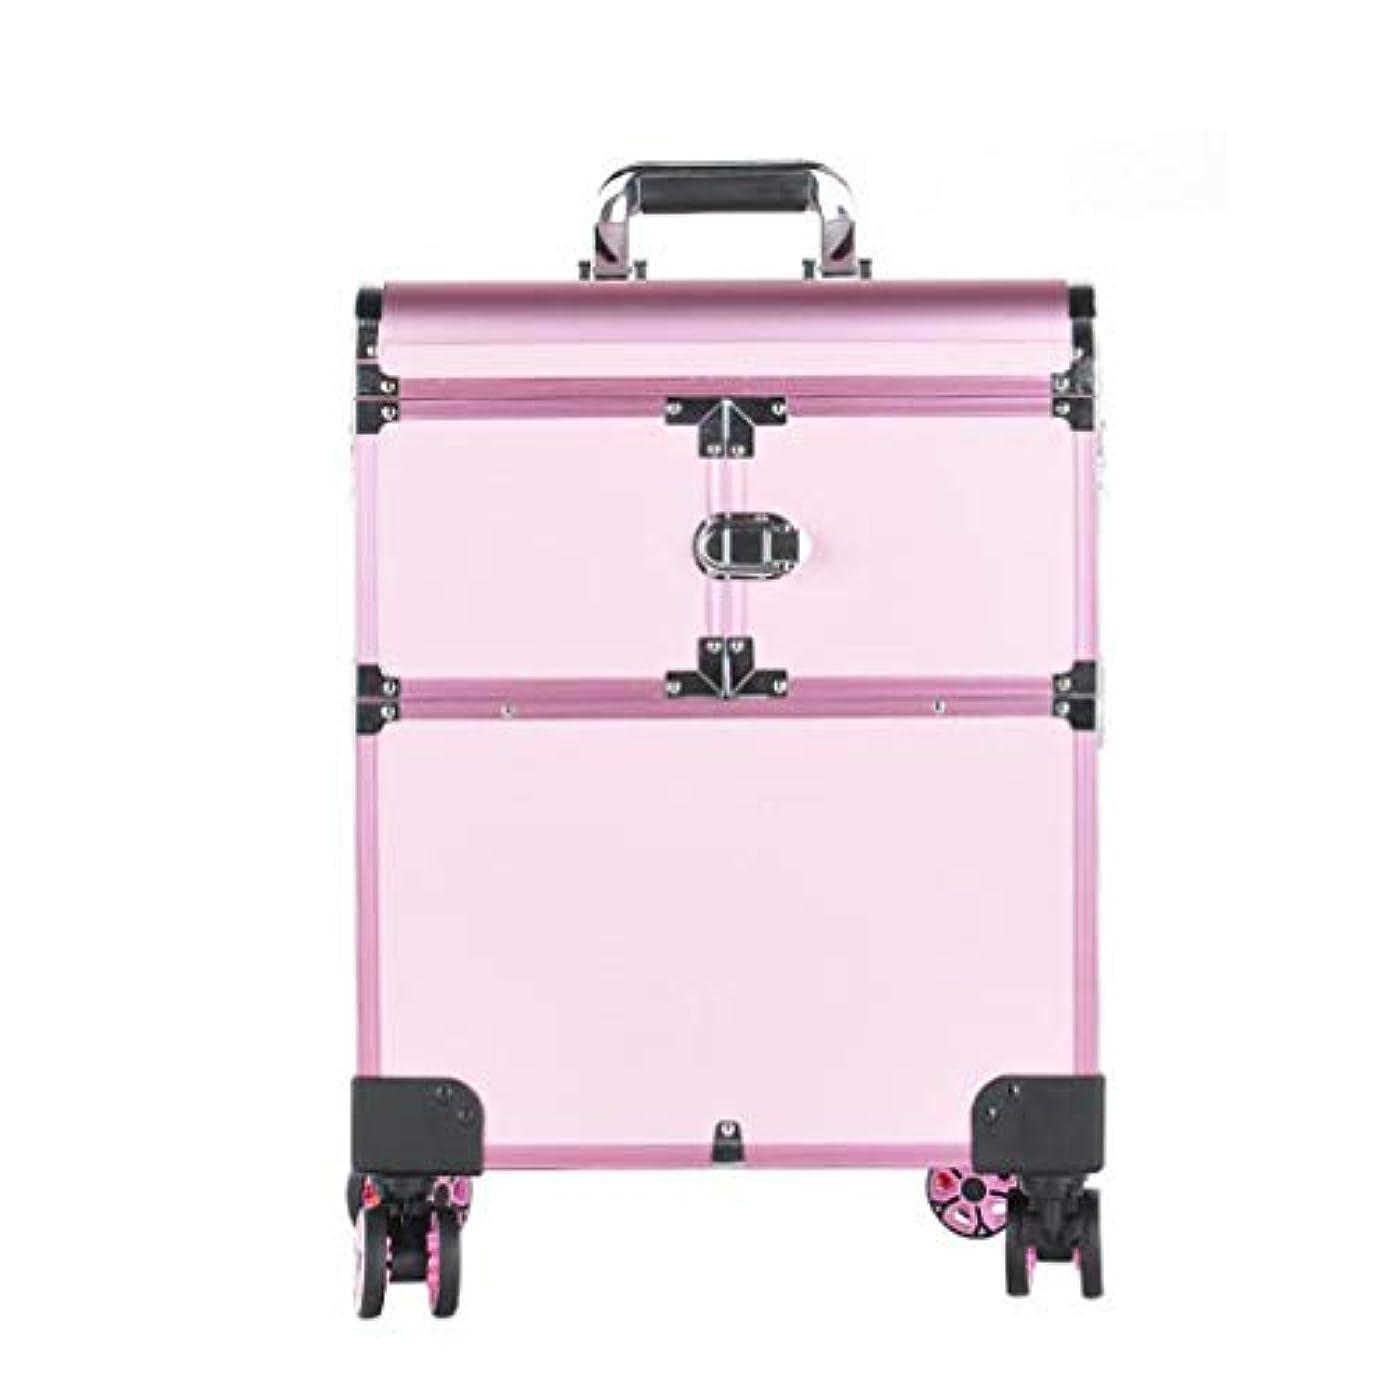 先入観支給狂うBUMC 特大化粧列車化粧トロリーケース、多層大容量プロフェッショナル化粧品ポータブルレバーオーガナイザー収納ビューティーボックス,Pink